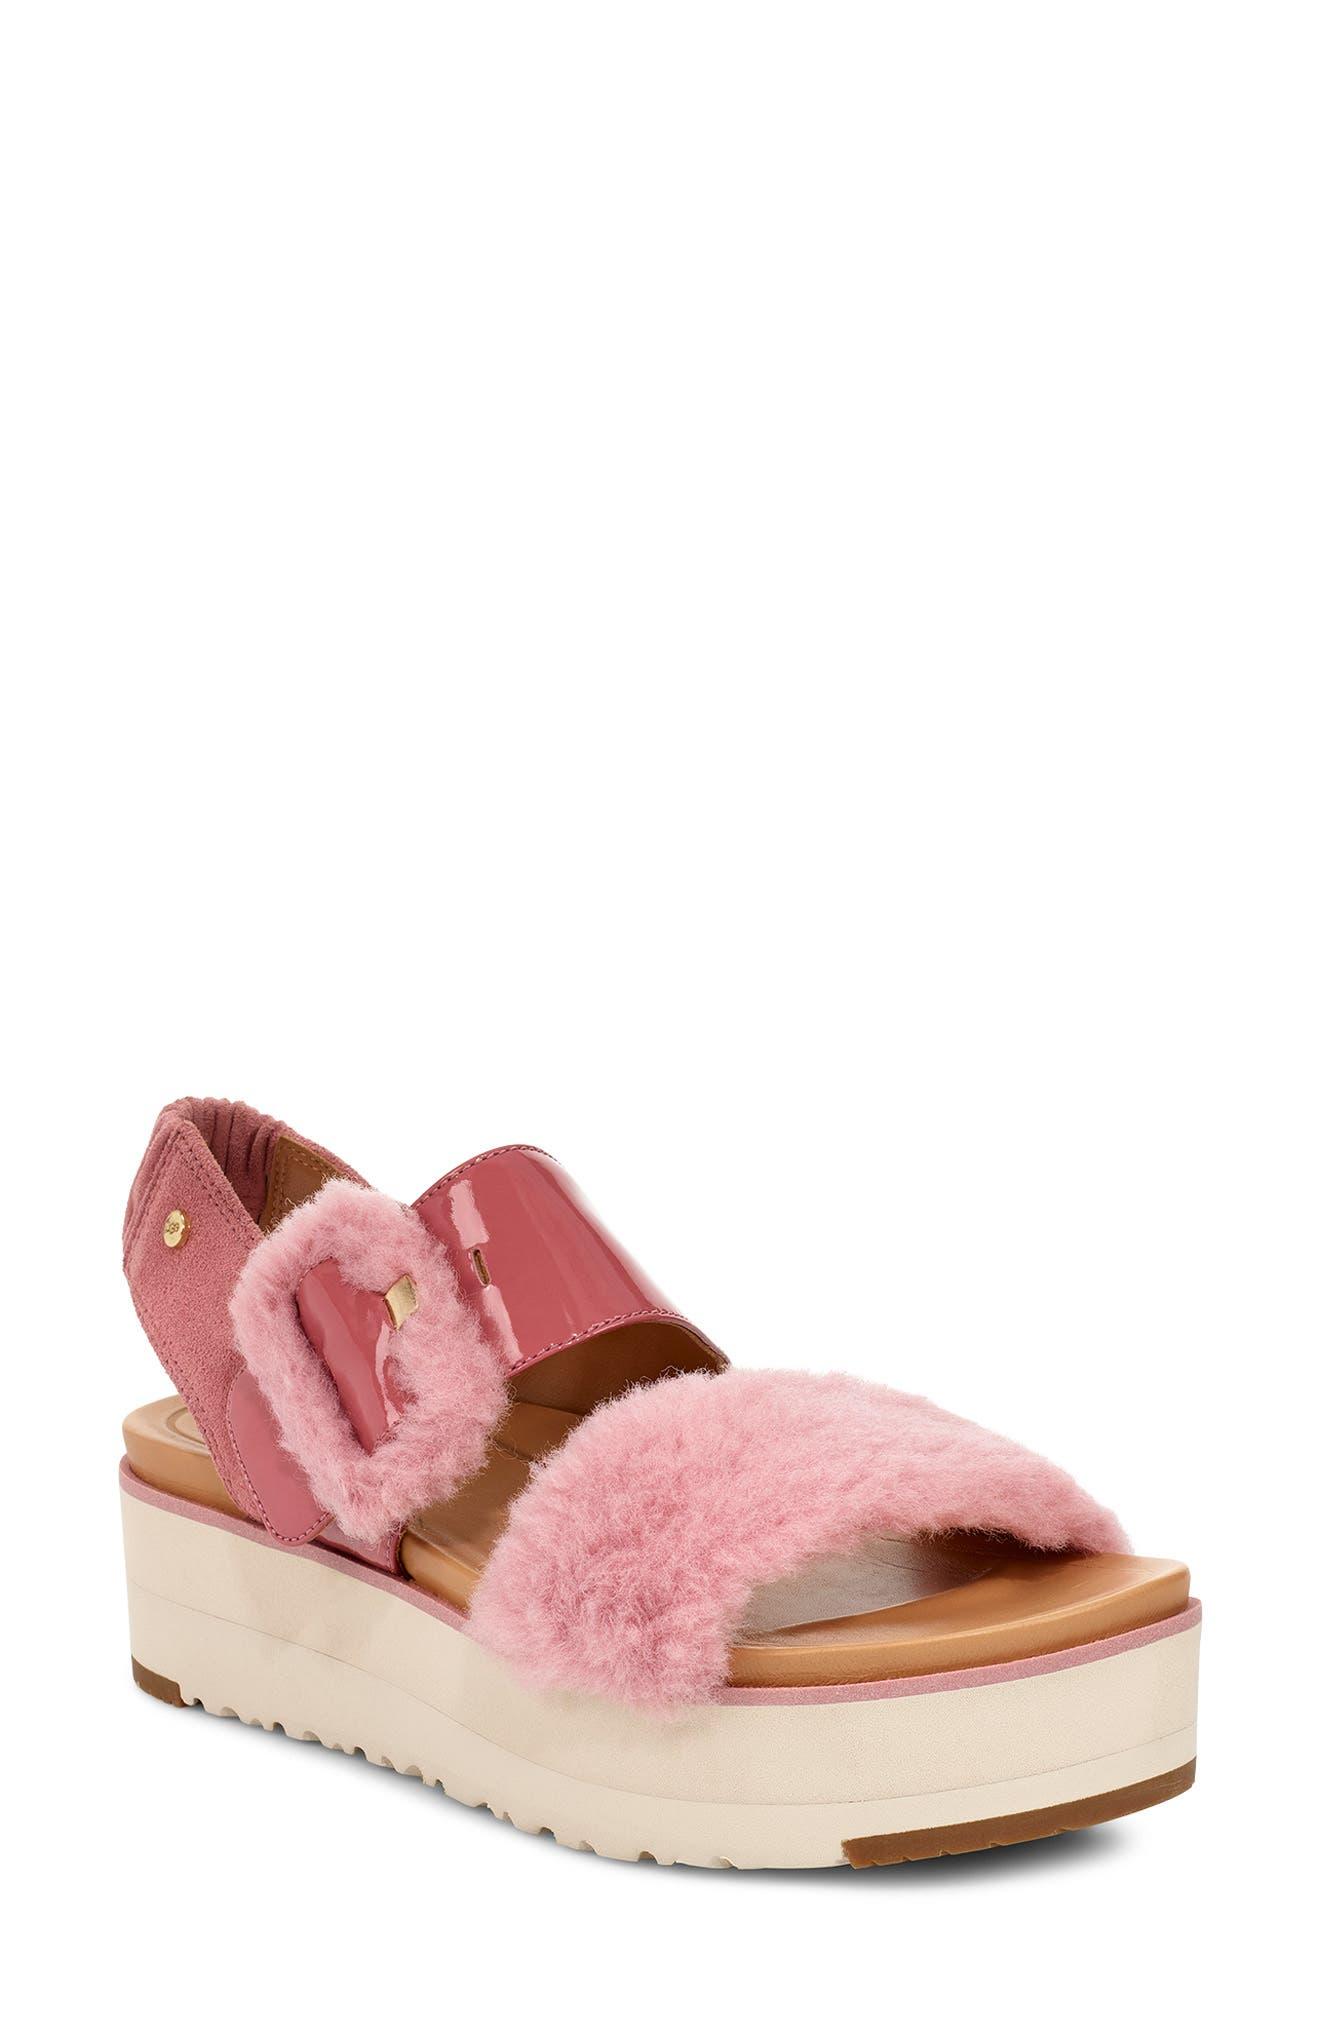 Ugg Le Fluff Flatform Sandal, Pink